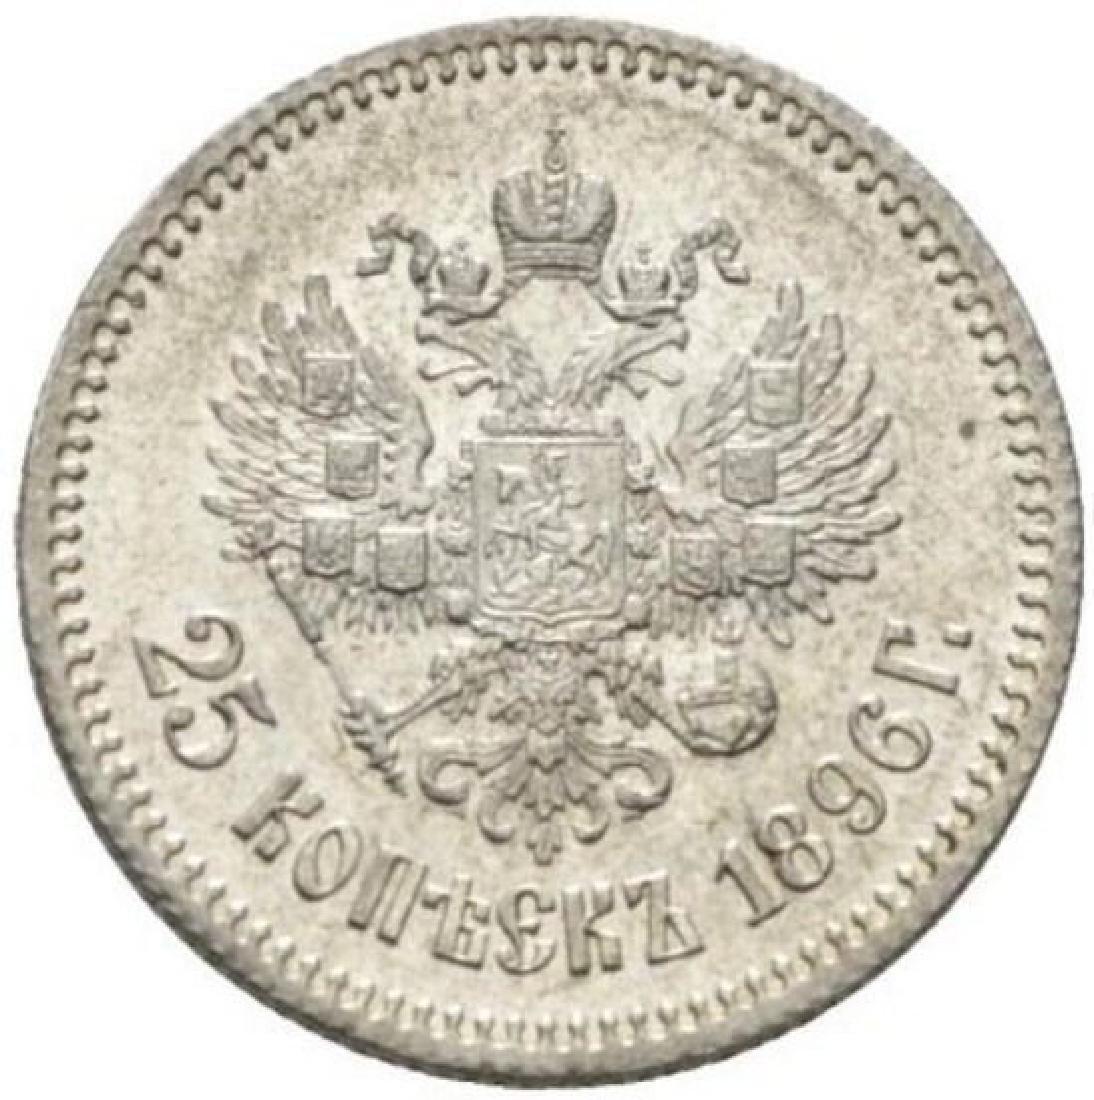 Russia Nicholas II 25 KOPECKS 1896 SPB, Bit.:96 , aUNC